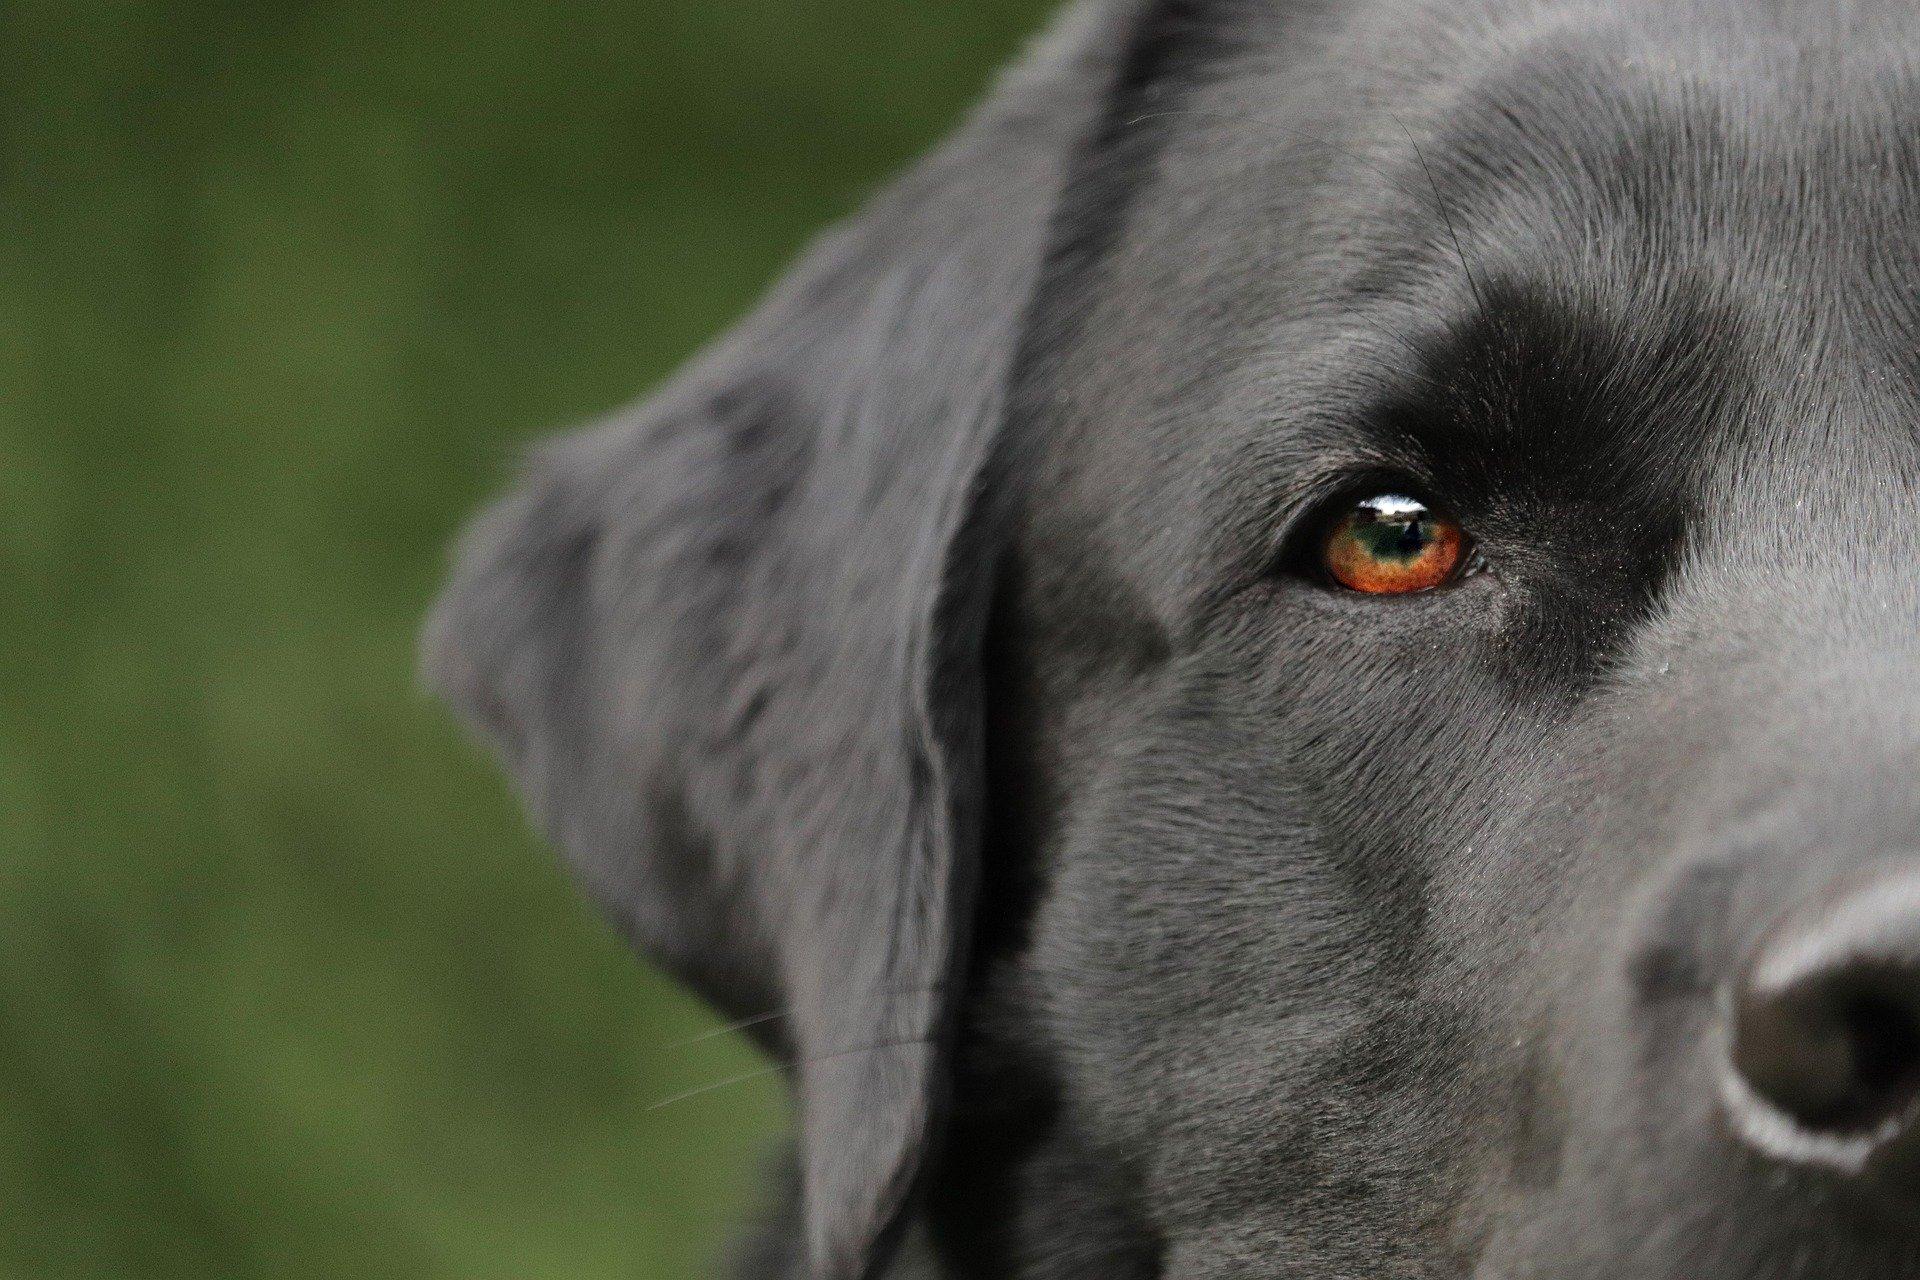 Los problemas de oídos en perros no son comunes